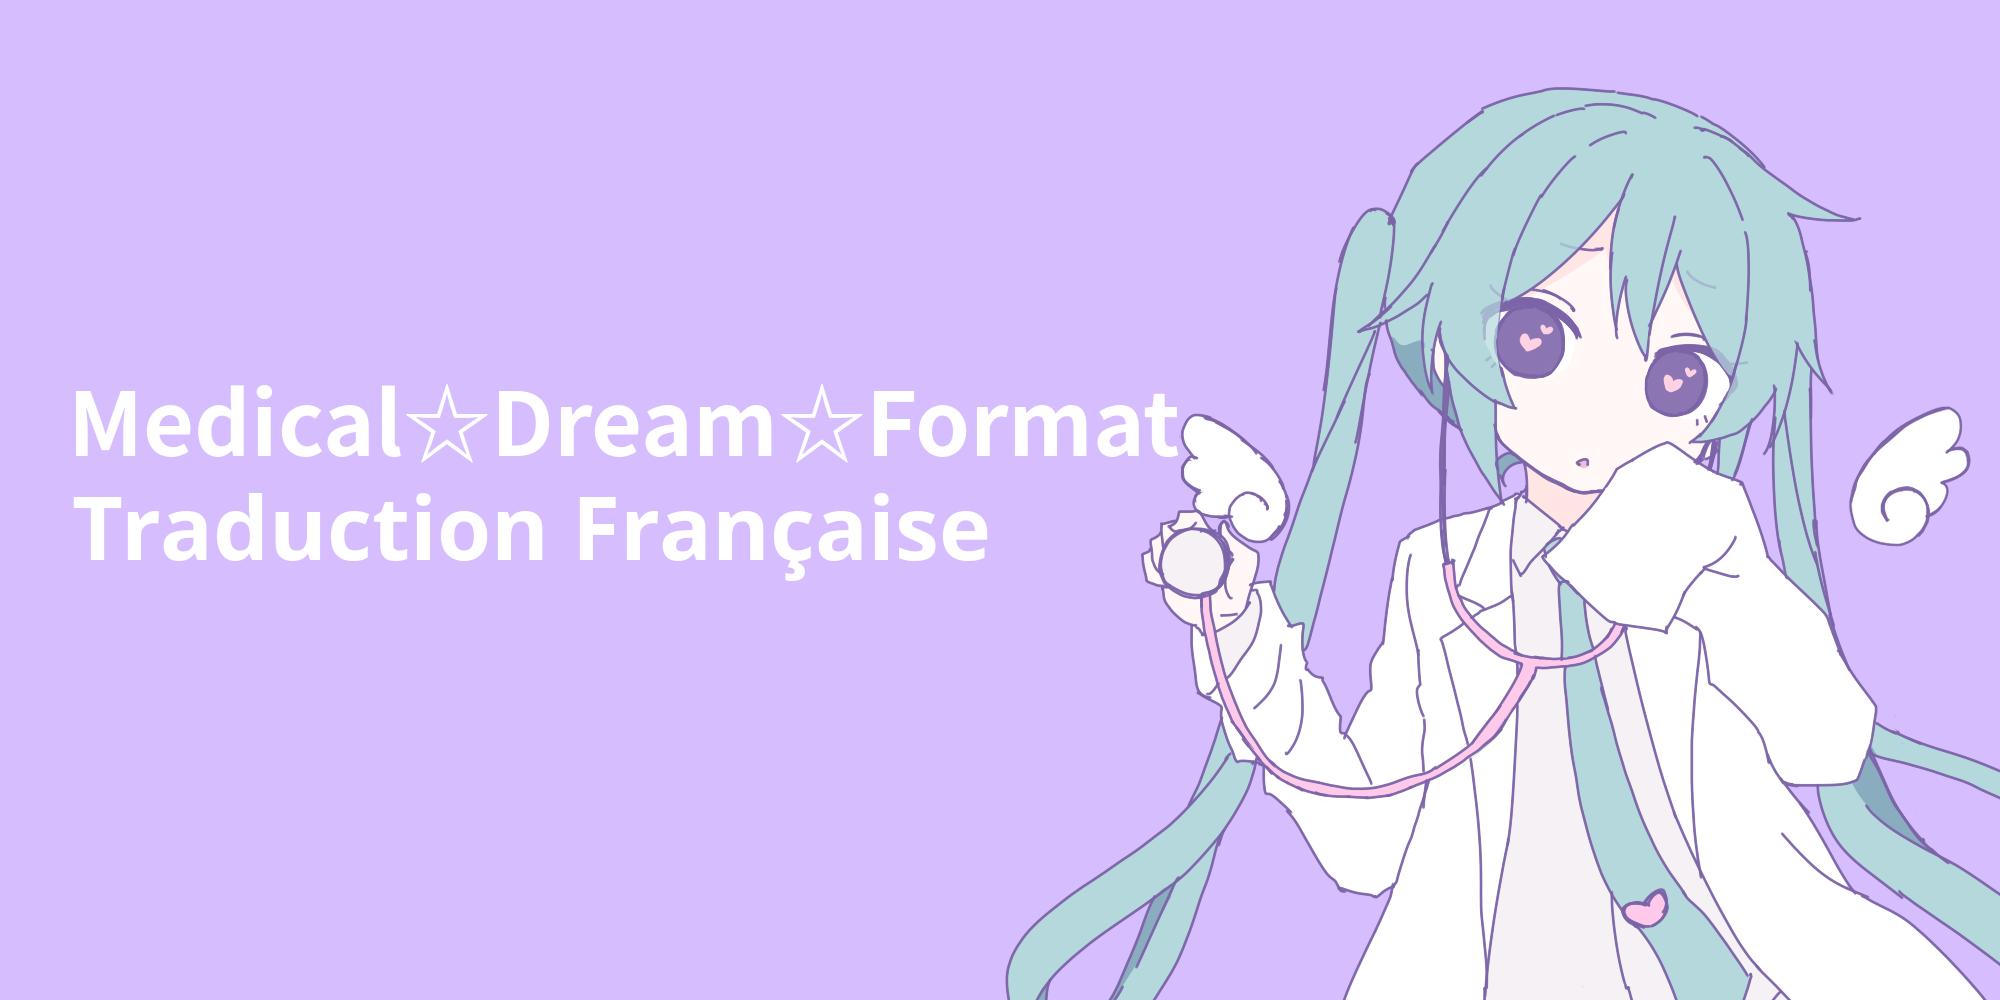 Traduction en français de Medical☆Dream☆Format - Miku Hatsune pour Lamaze-P